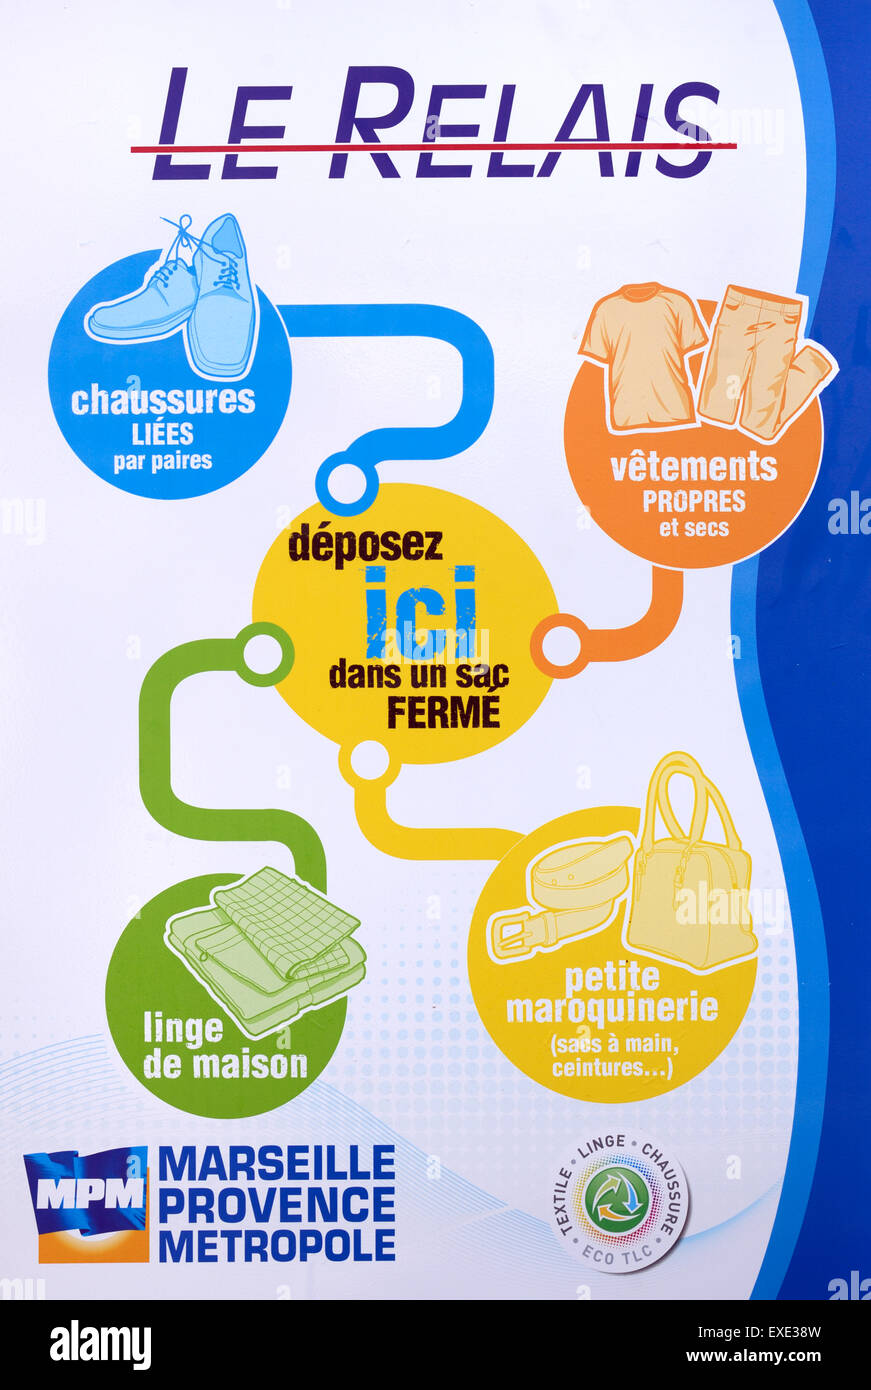 Istruzioni sul contenitore di riciclaggio Marseille Provence Francia Immagini Stock